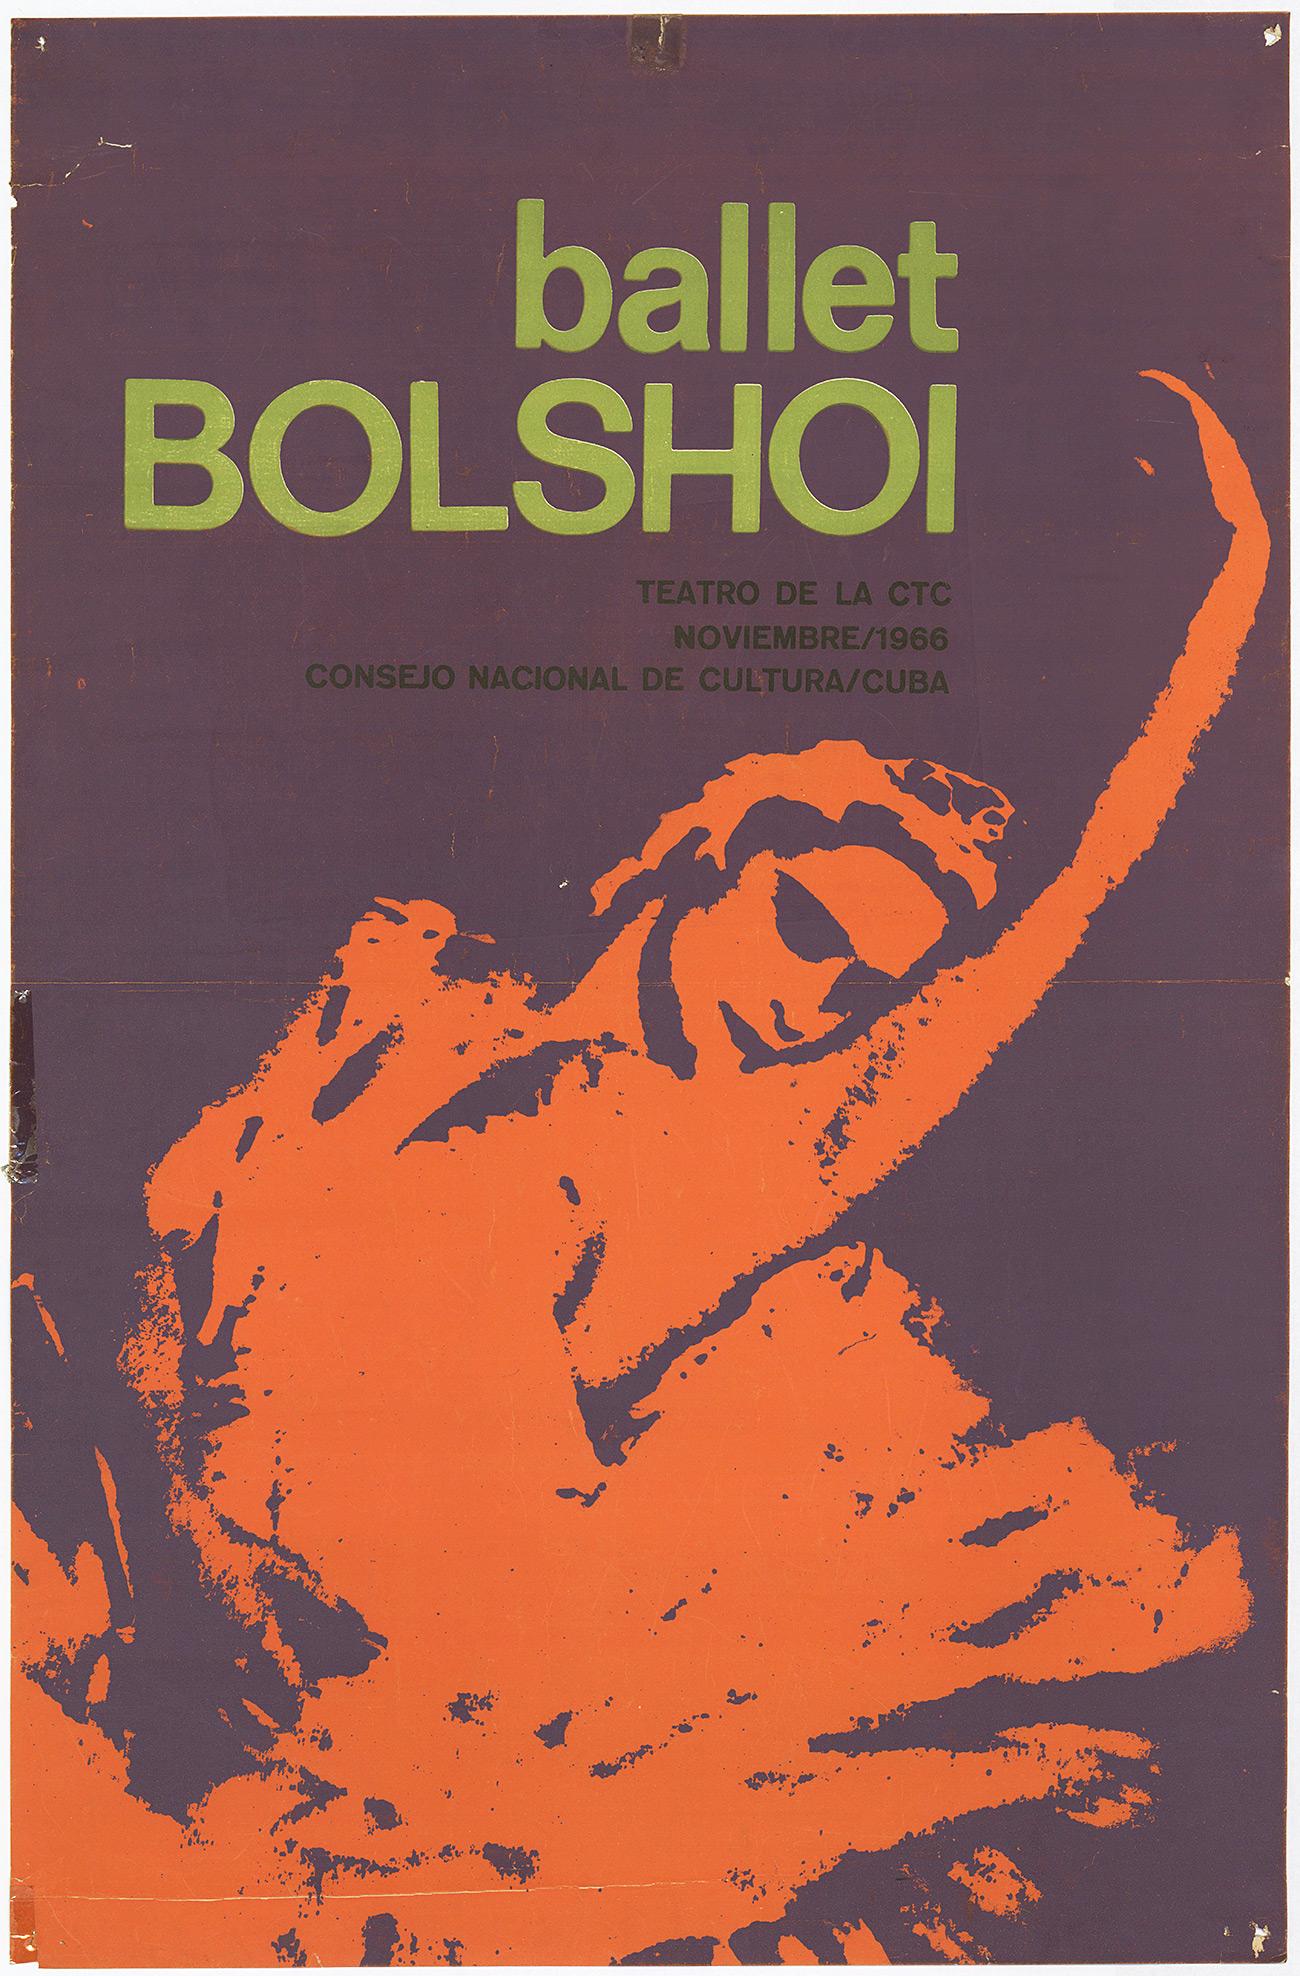 Crédit : Théâtre Bolchoï / ABBYY